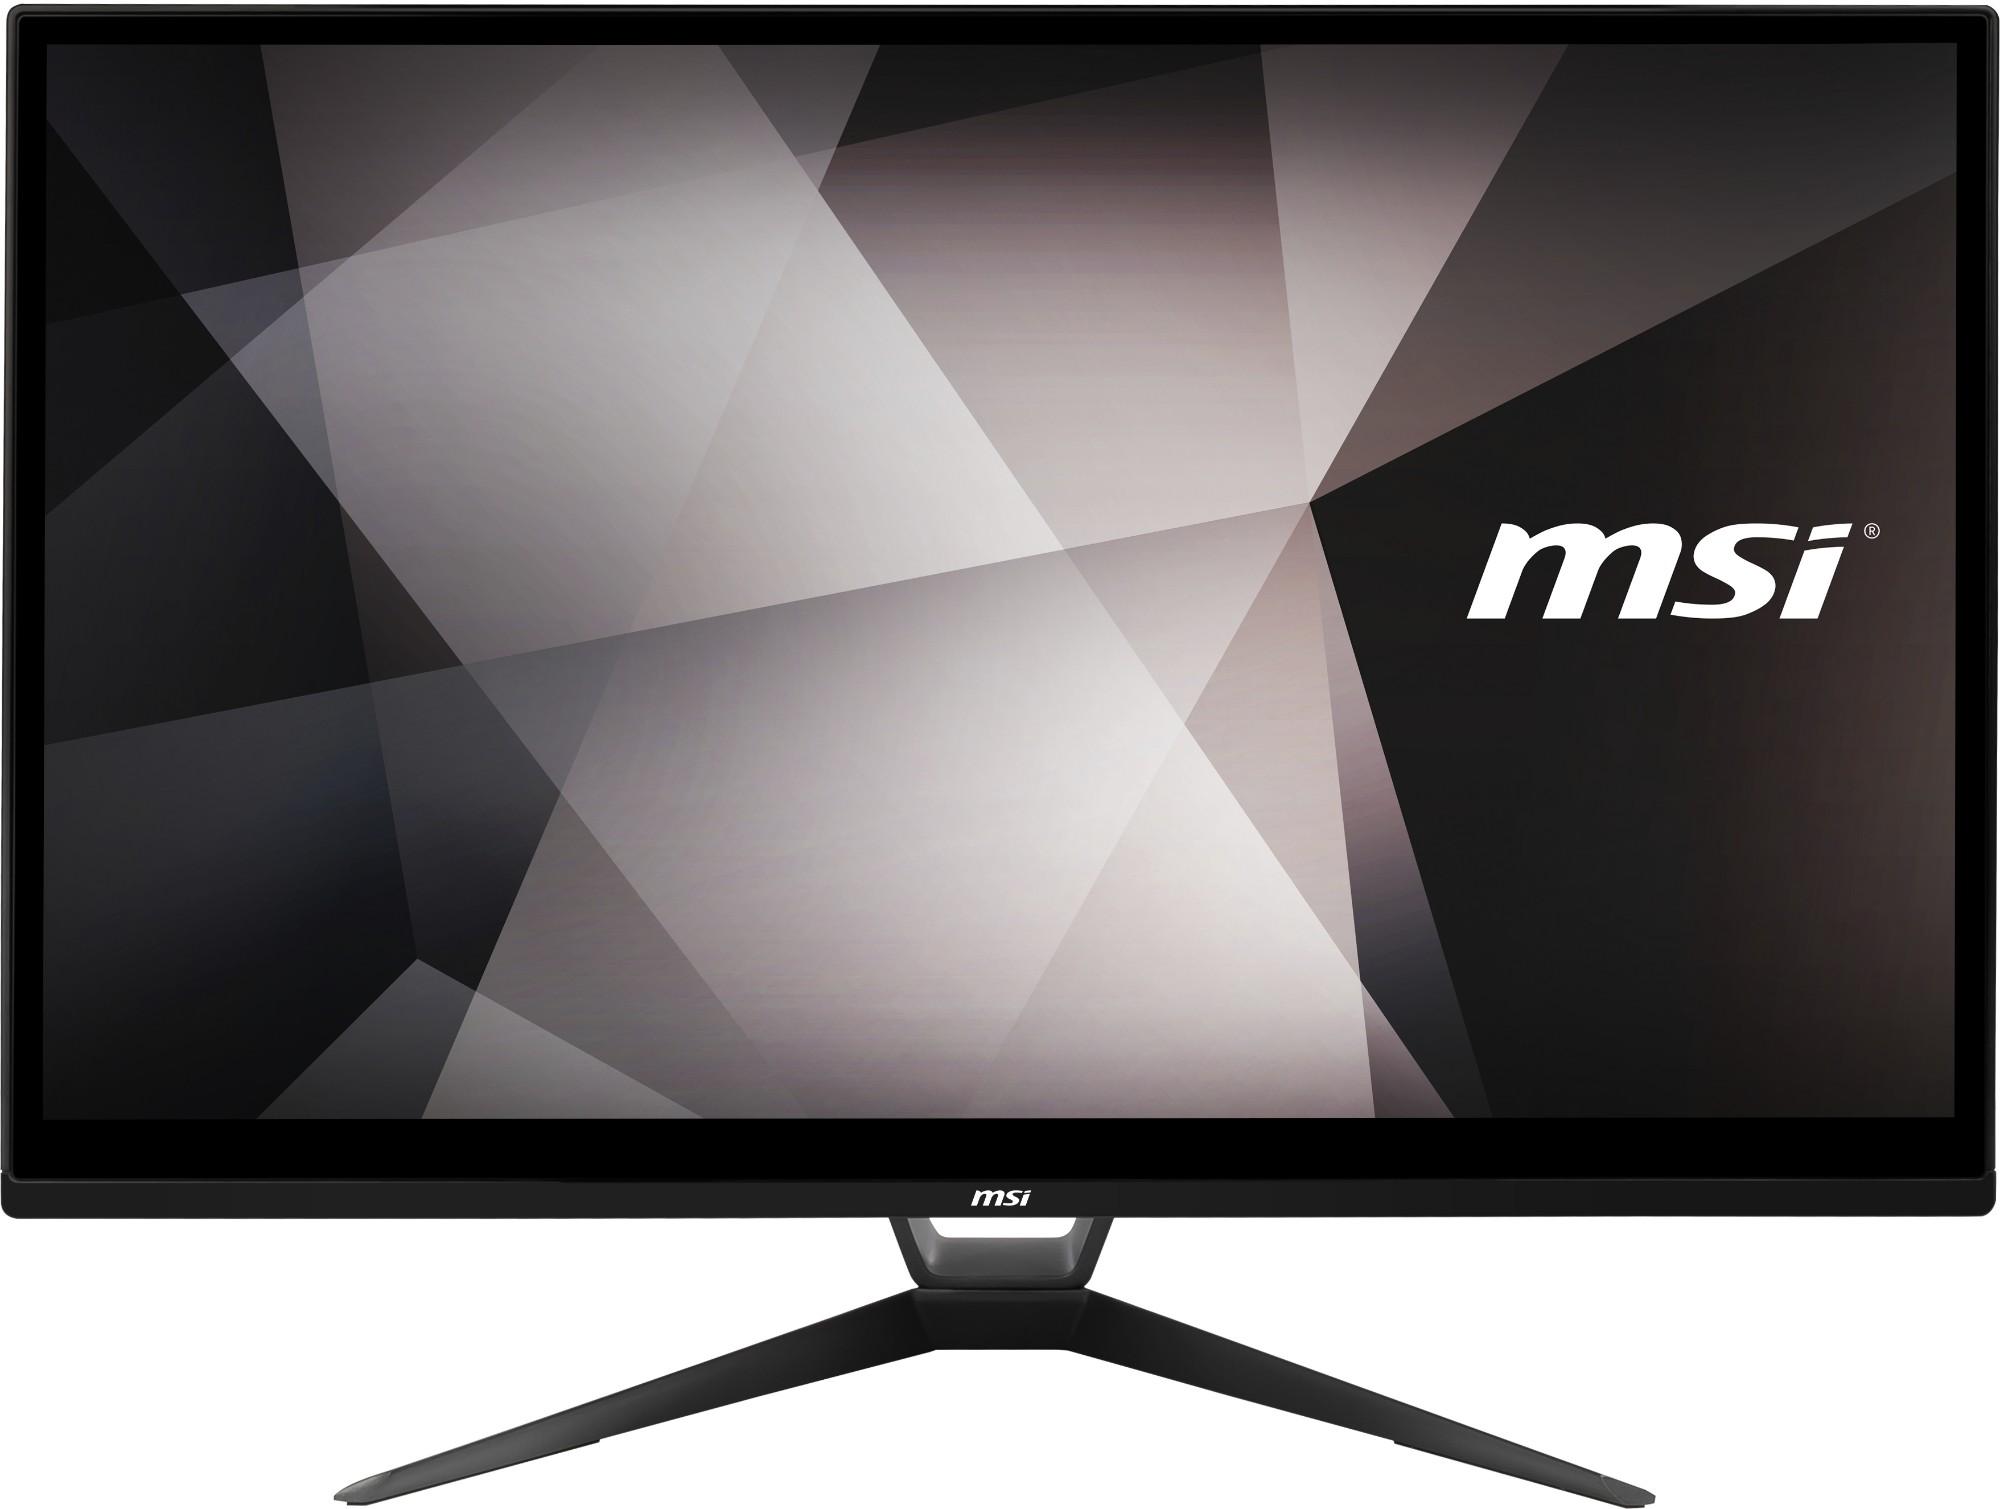 """MSI Pro 22XT 10M-003EU 54.6 cm (21.5"""") 1920 x 1080 pixels Touchscreen 10th gen Intel® Core™ i5 8 GB DDR4-SDRAM 256 GB SSD Windows 10 Pro Wi-Fi 5 (802.11ac) All-in-One PC Black"""